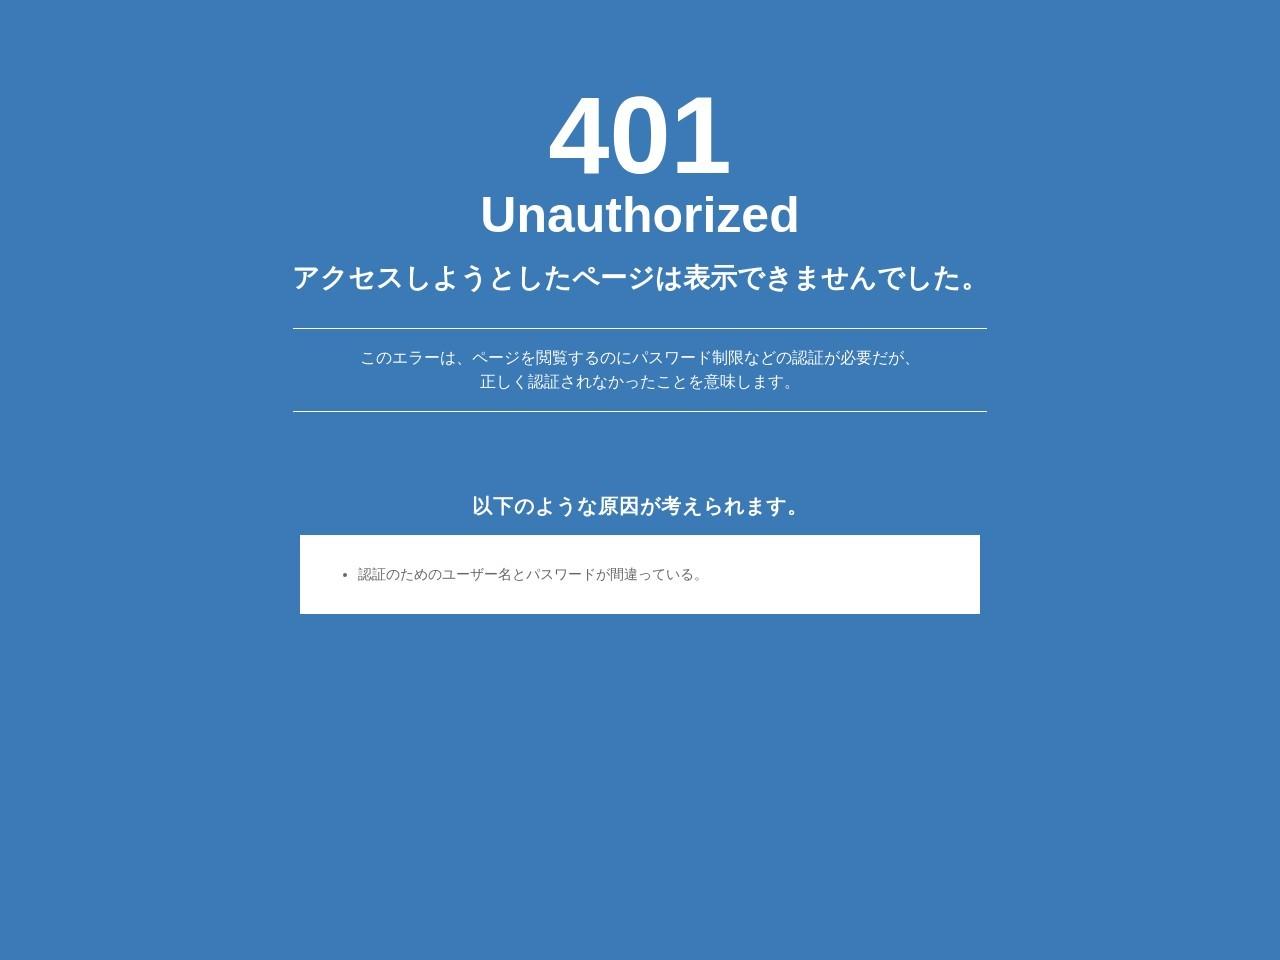 大原政人税理士事務所